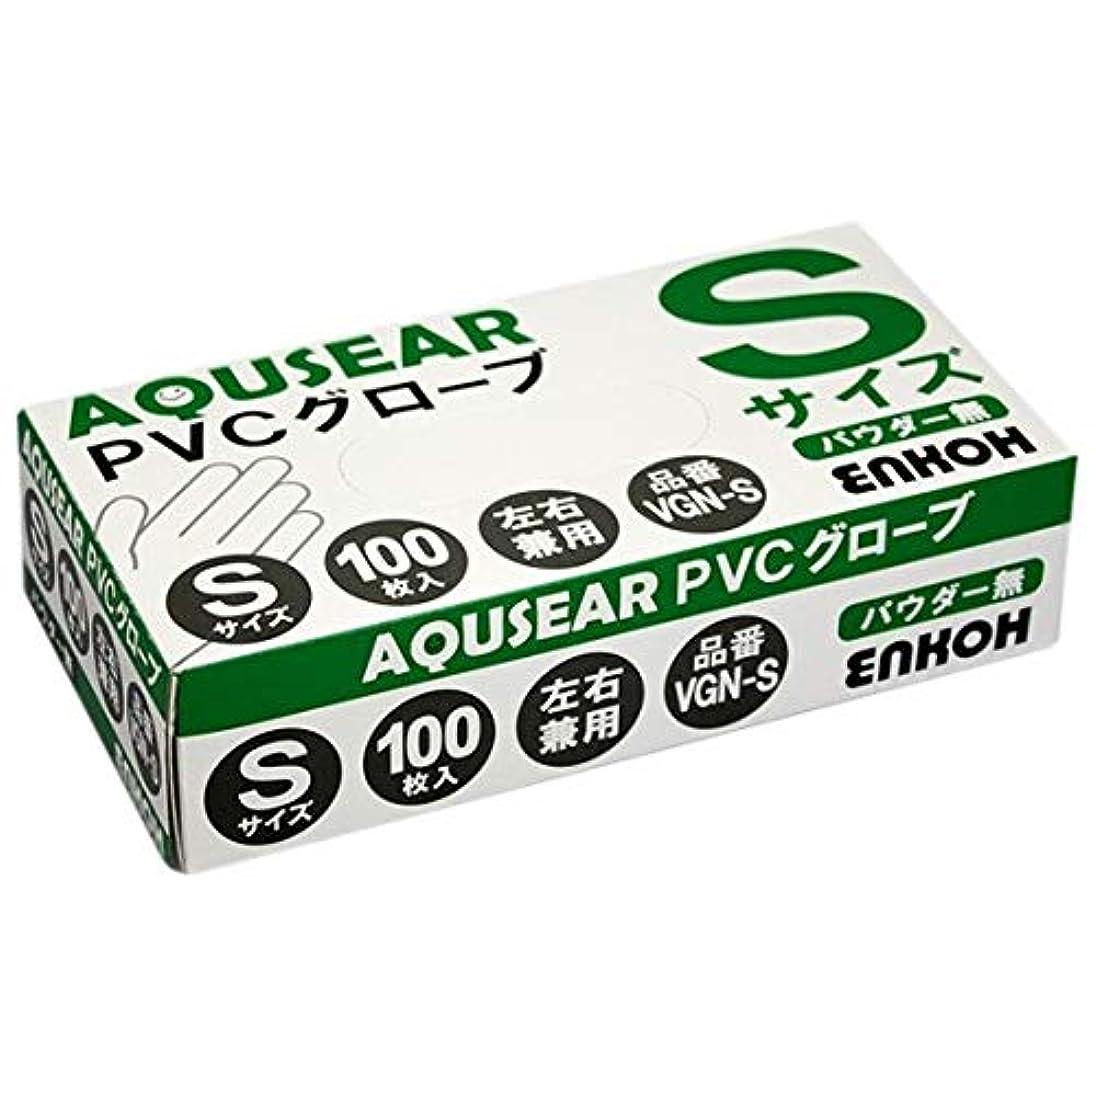 時間厳守アラームペッカディロAQUSEAR PVC プラスチックグローブ Sサイズ パウダー無 VGN-S 100枚×20箱